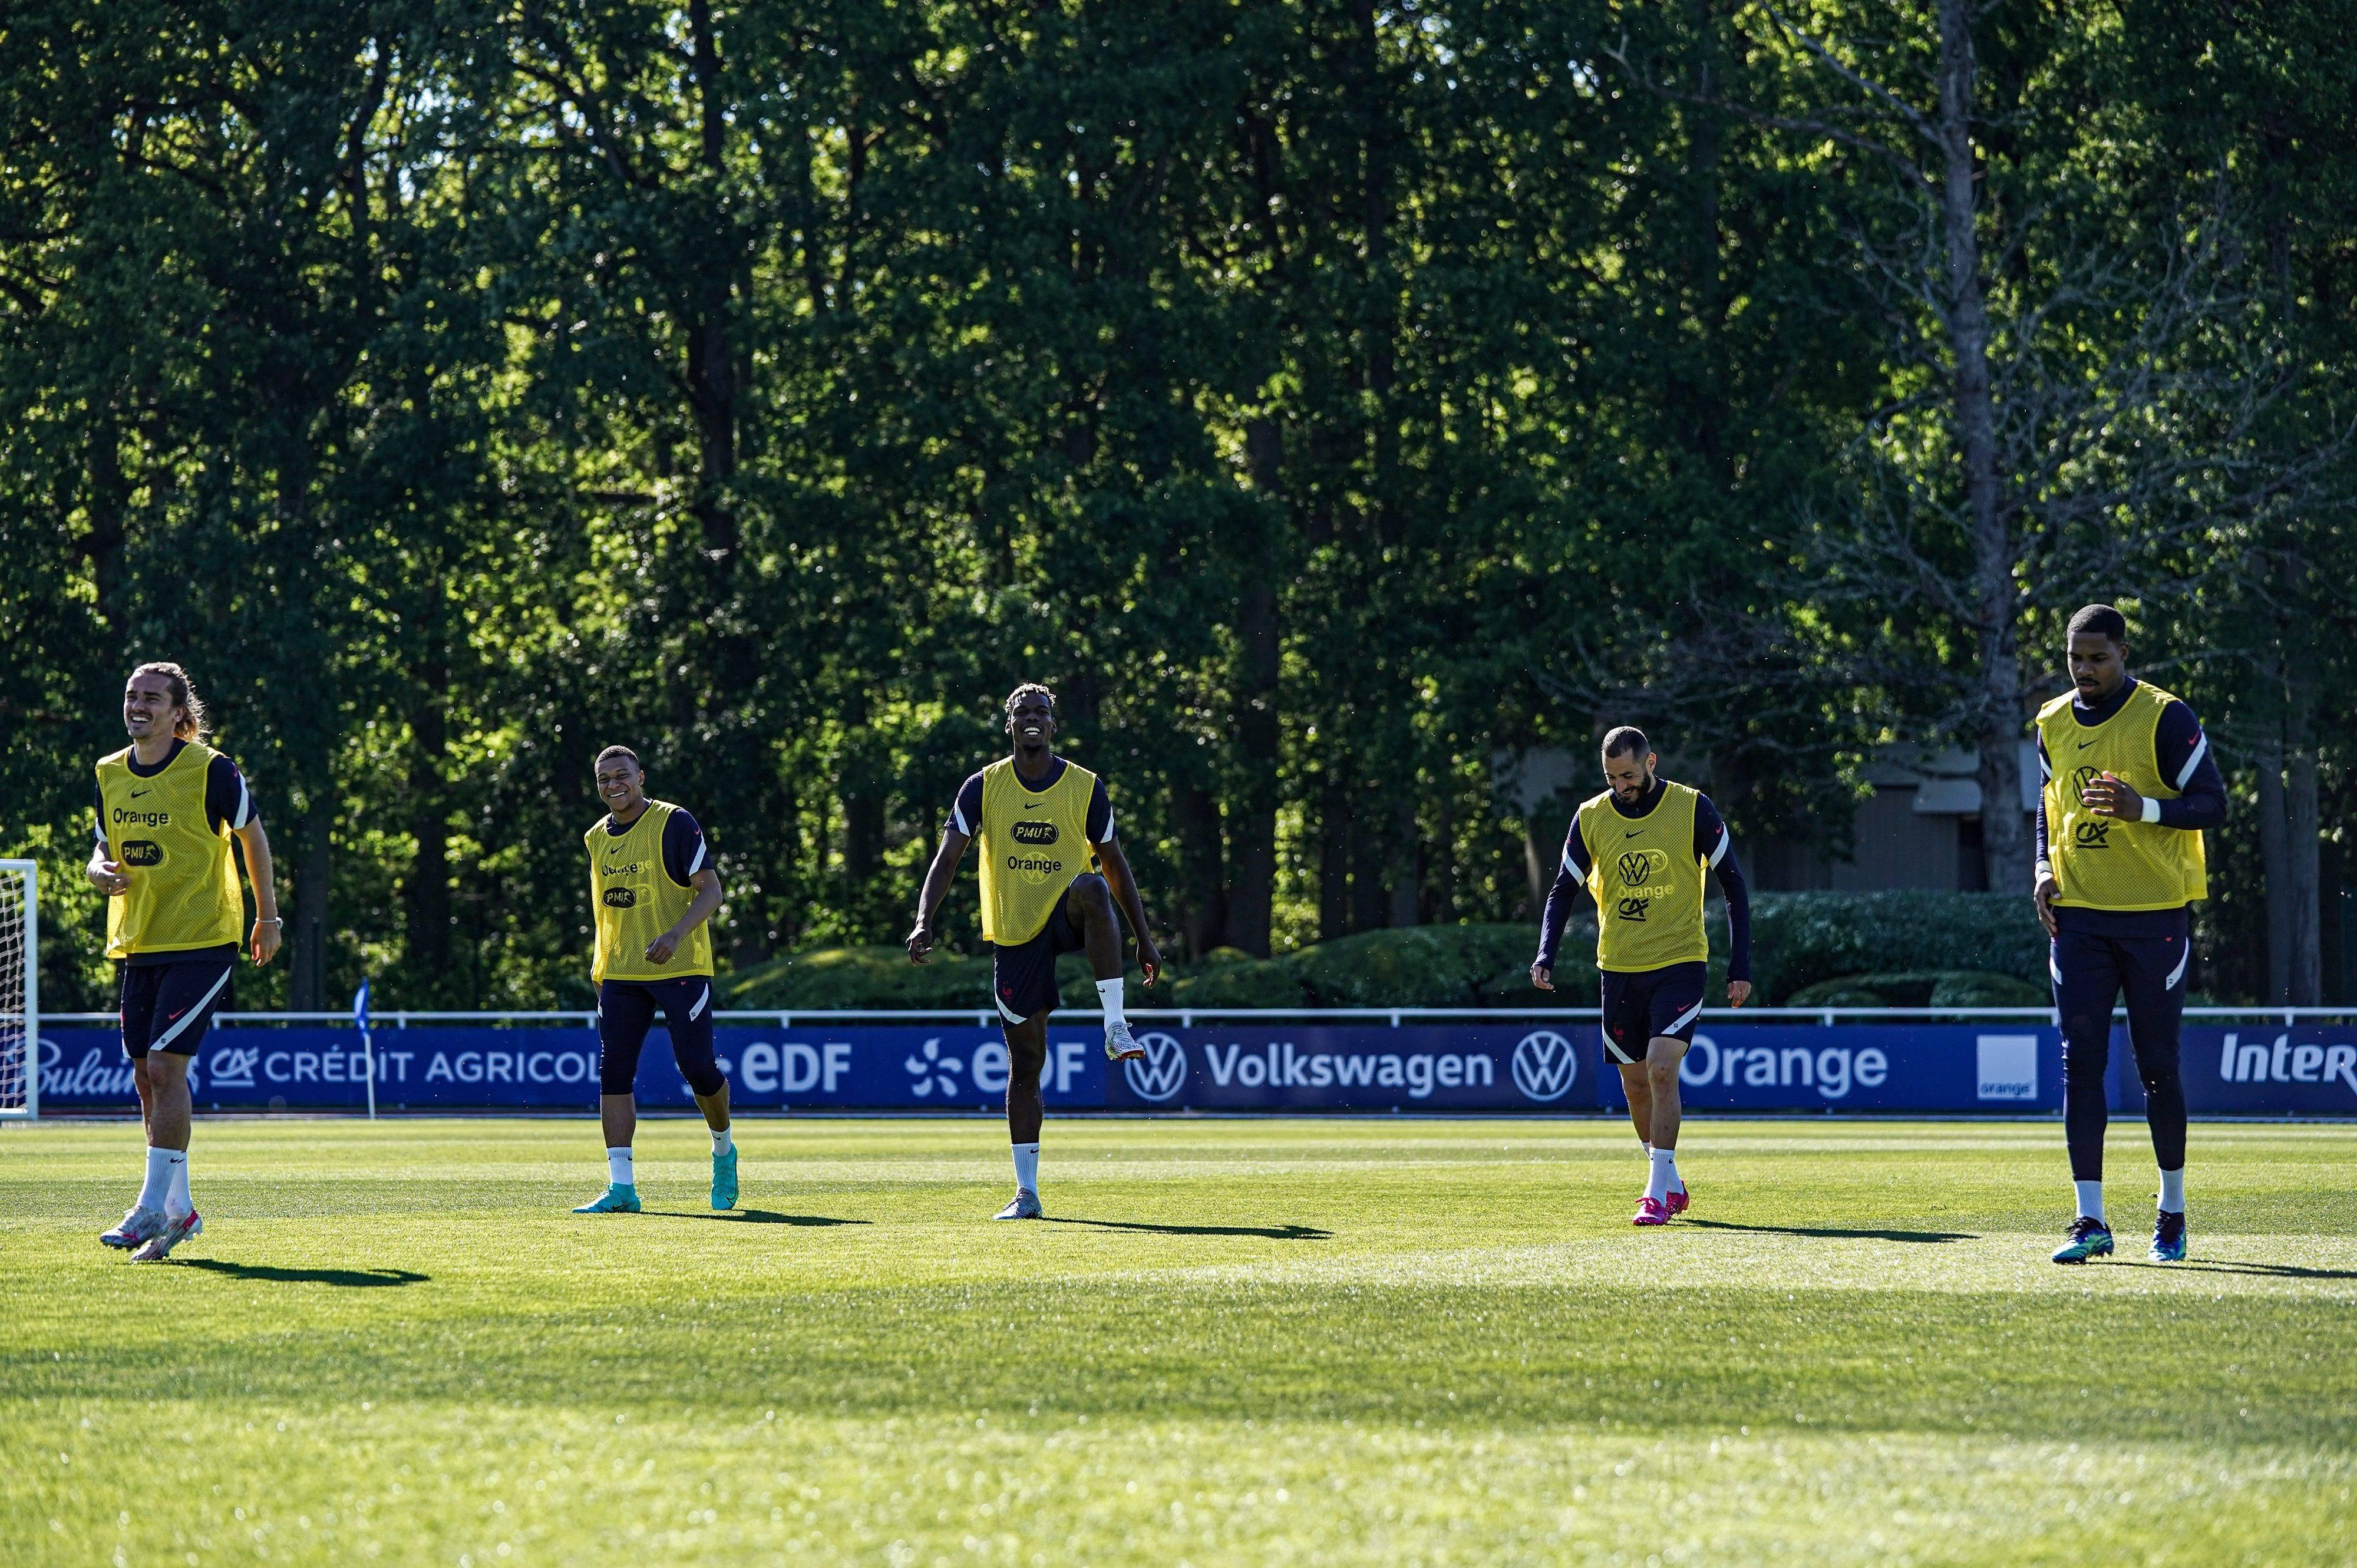 Antoine Griezmann Kylian Mbappé Paul Pogba Karim Benzema et Mike Maignan